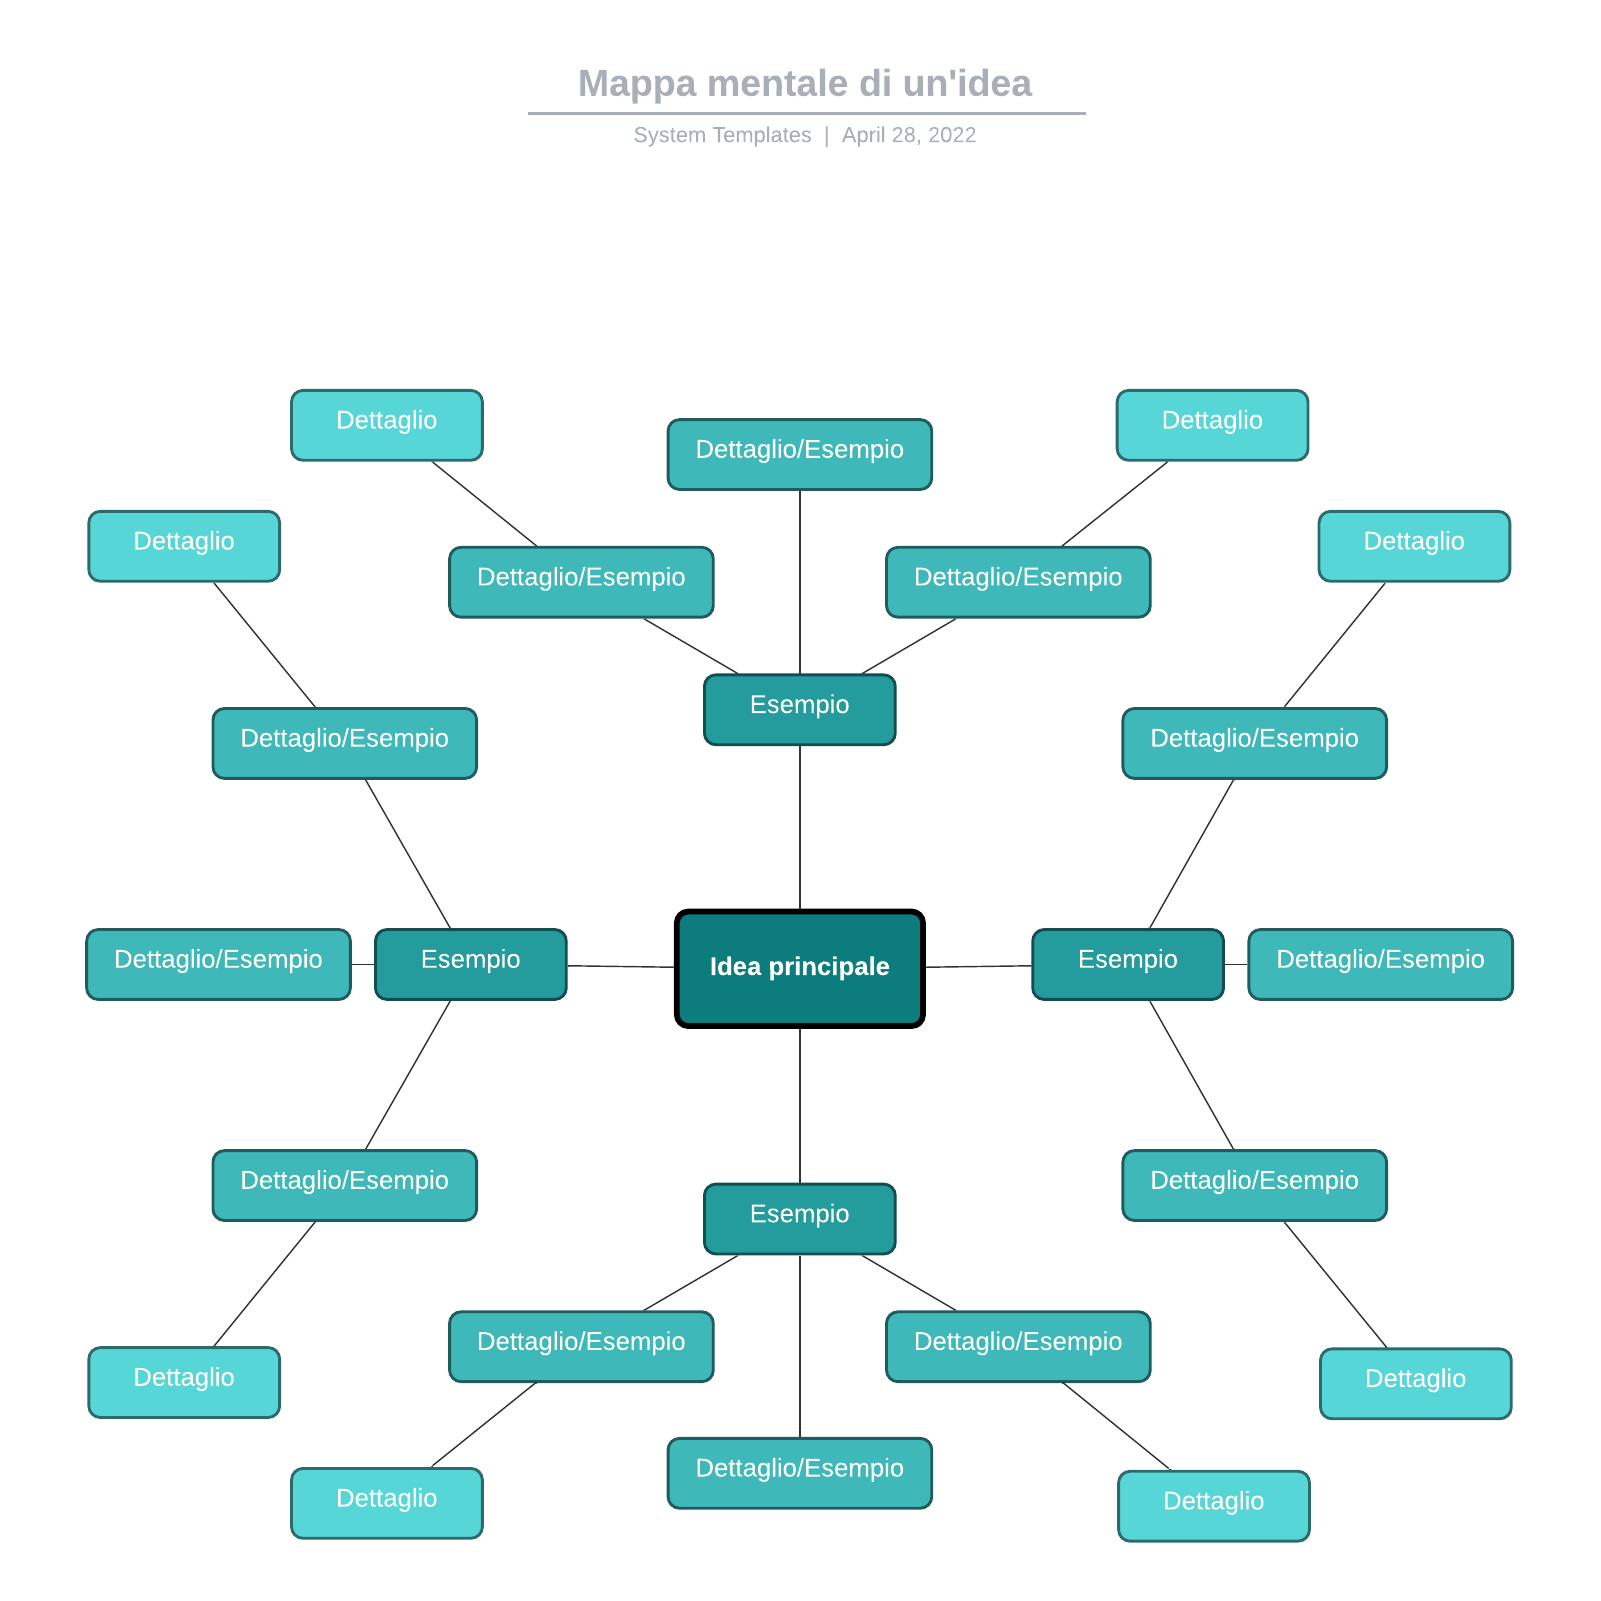 Mappa mentale di un'idea